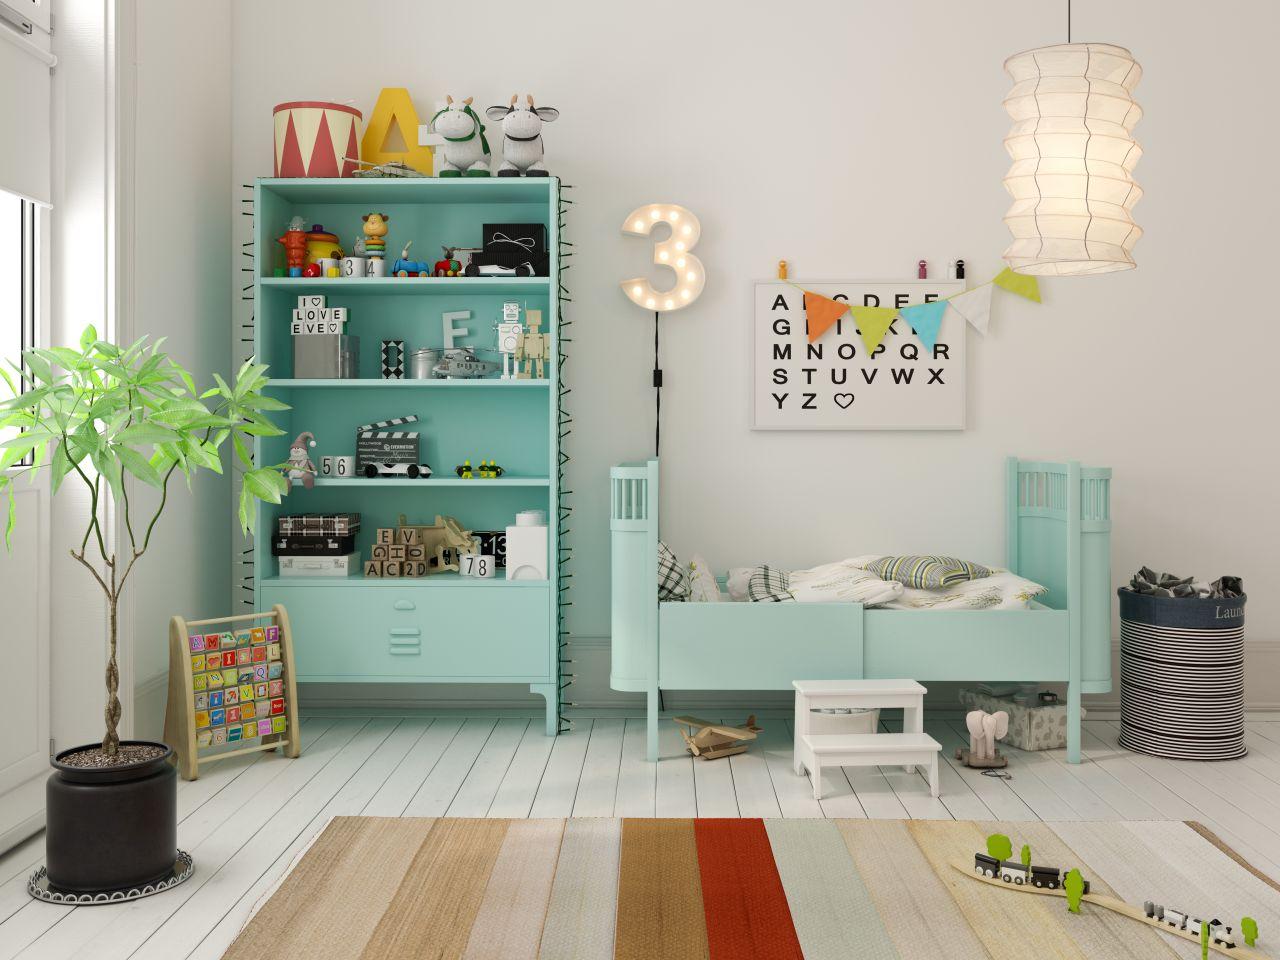 dzieciecy-pokoj-meble-dekoracje